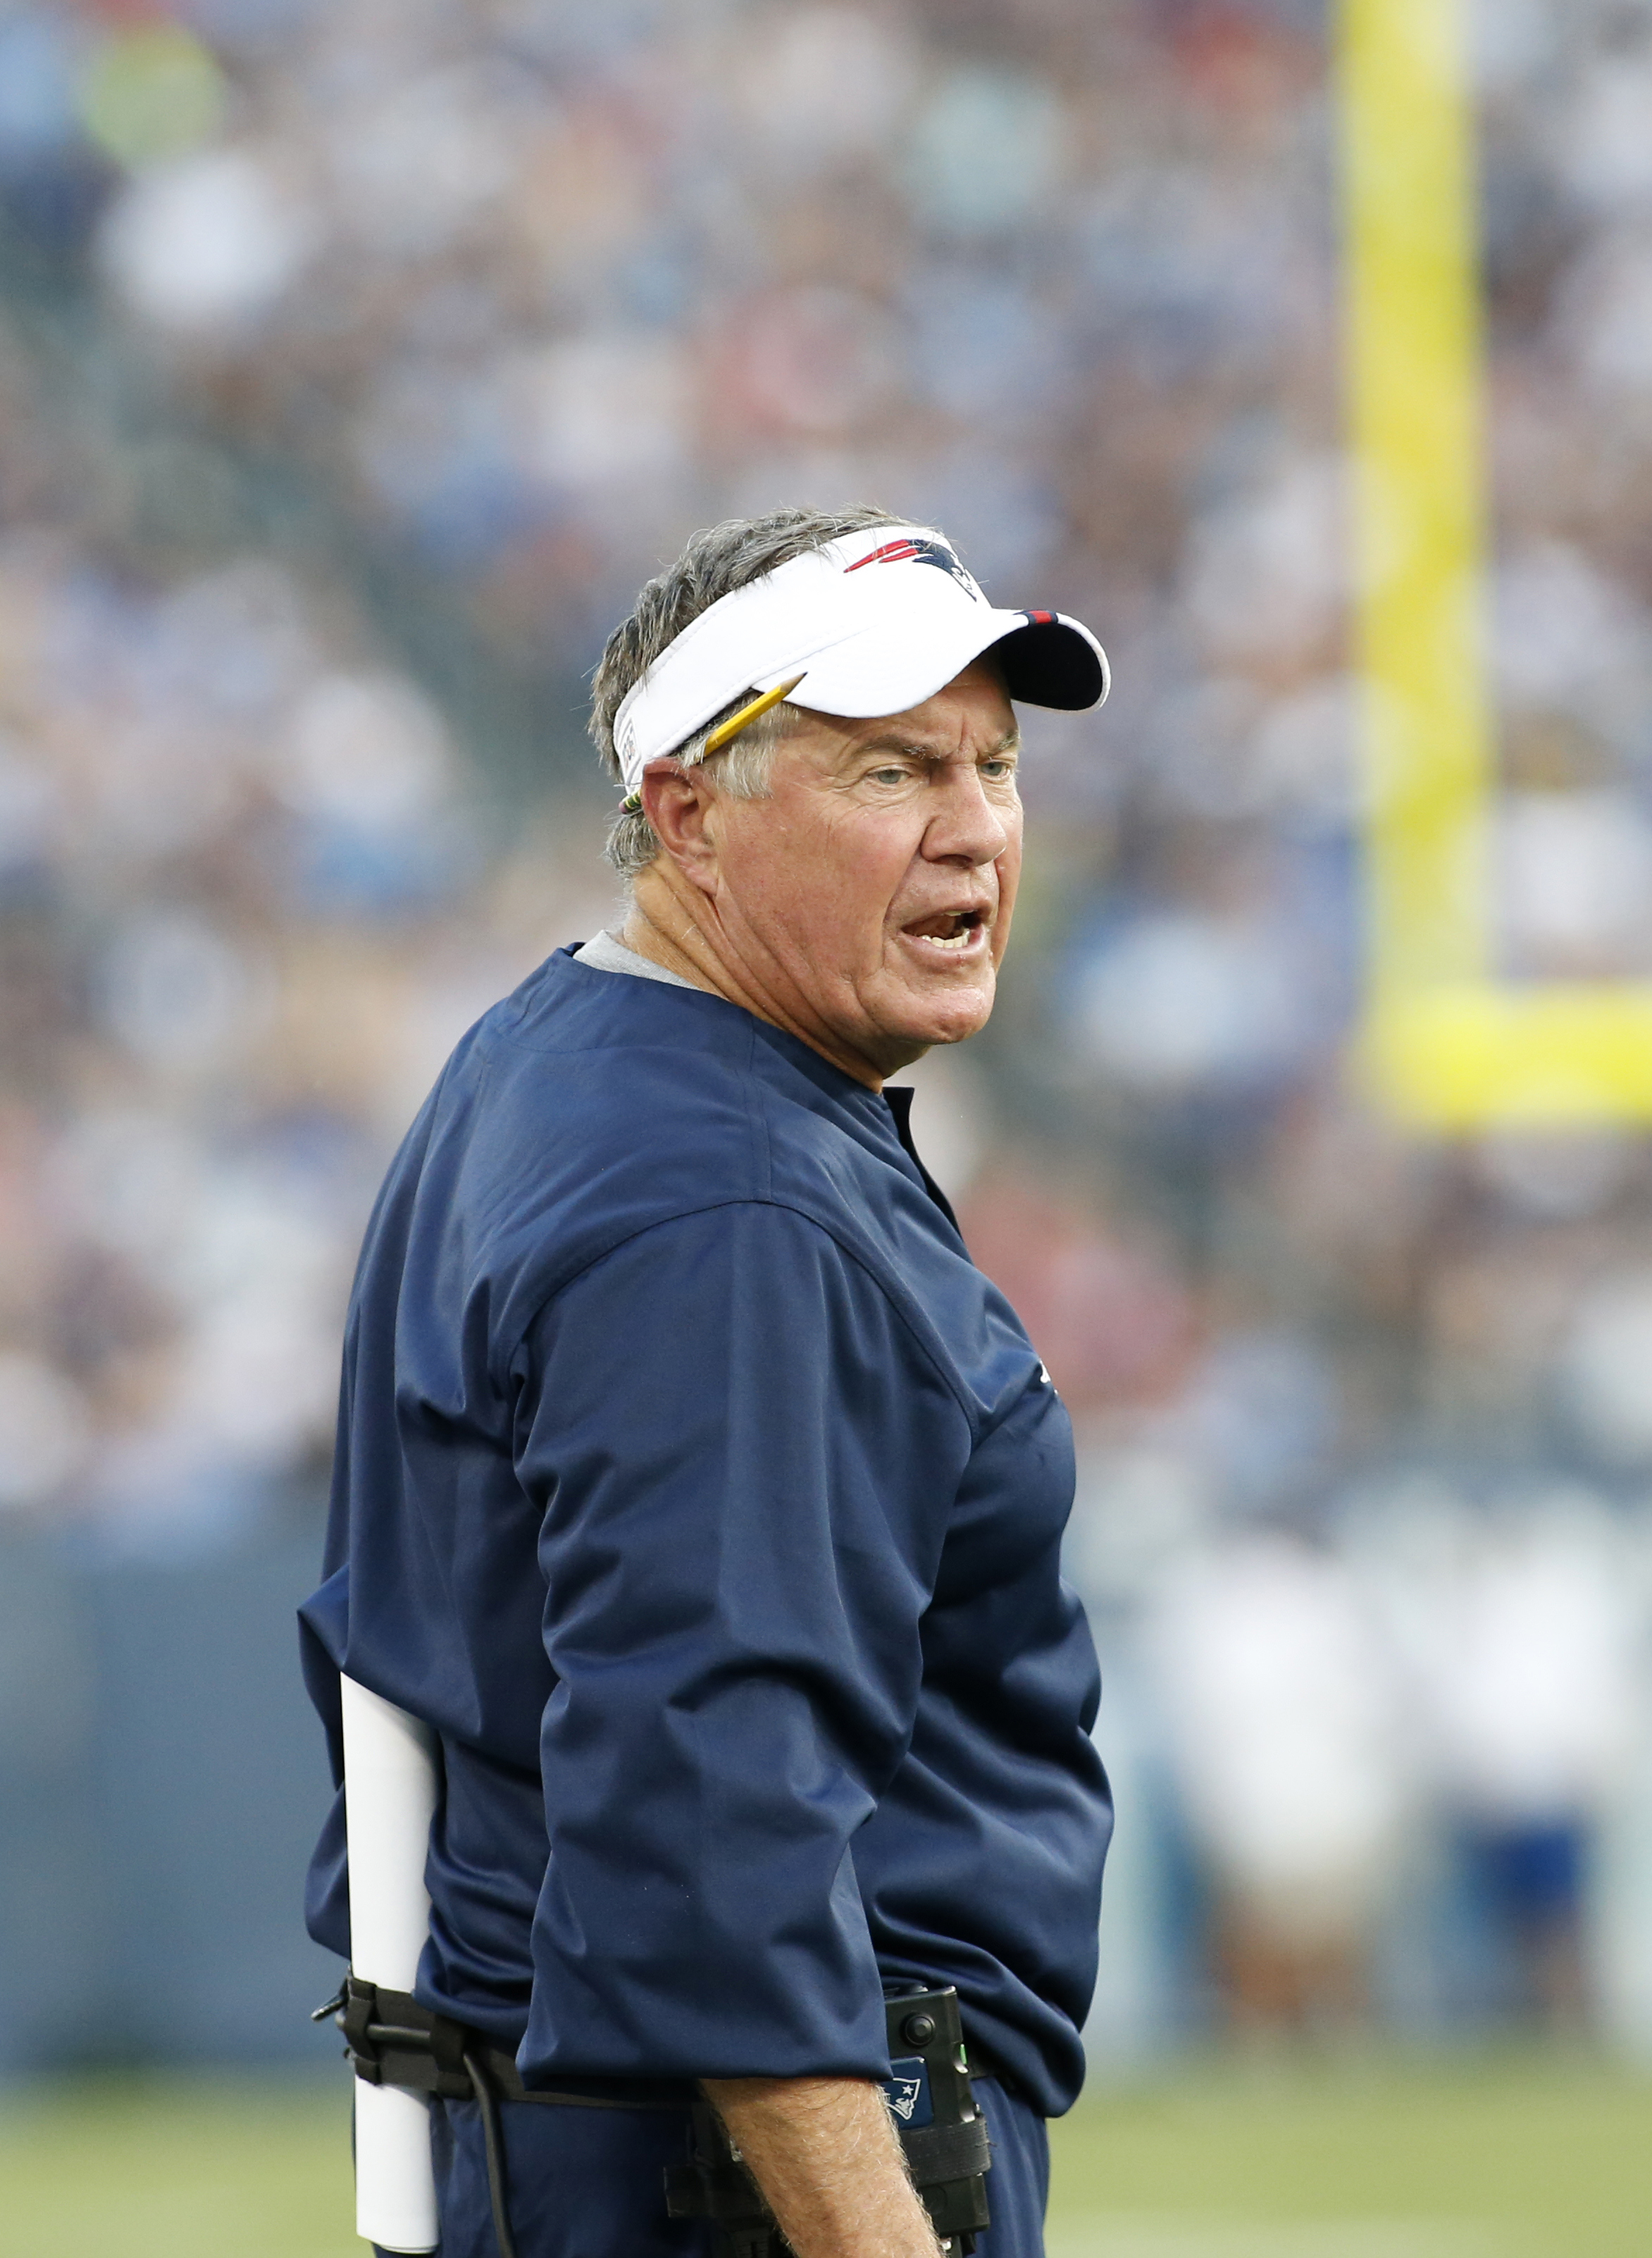 NFL: AUG 17 Preseason - Patriots at Titans